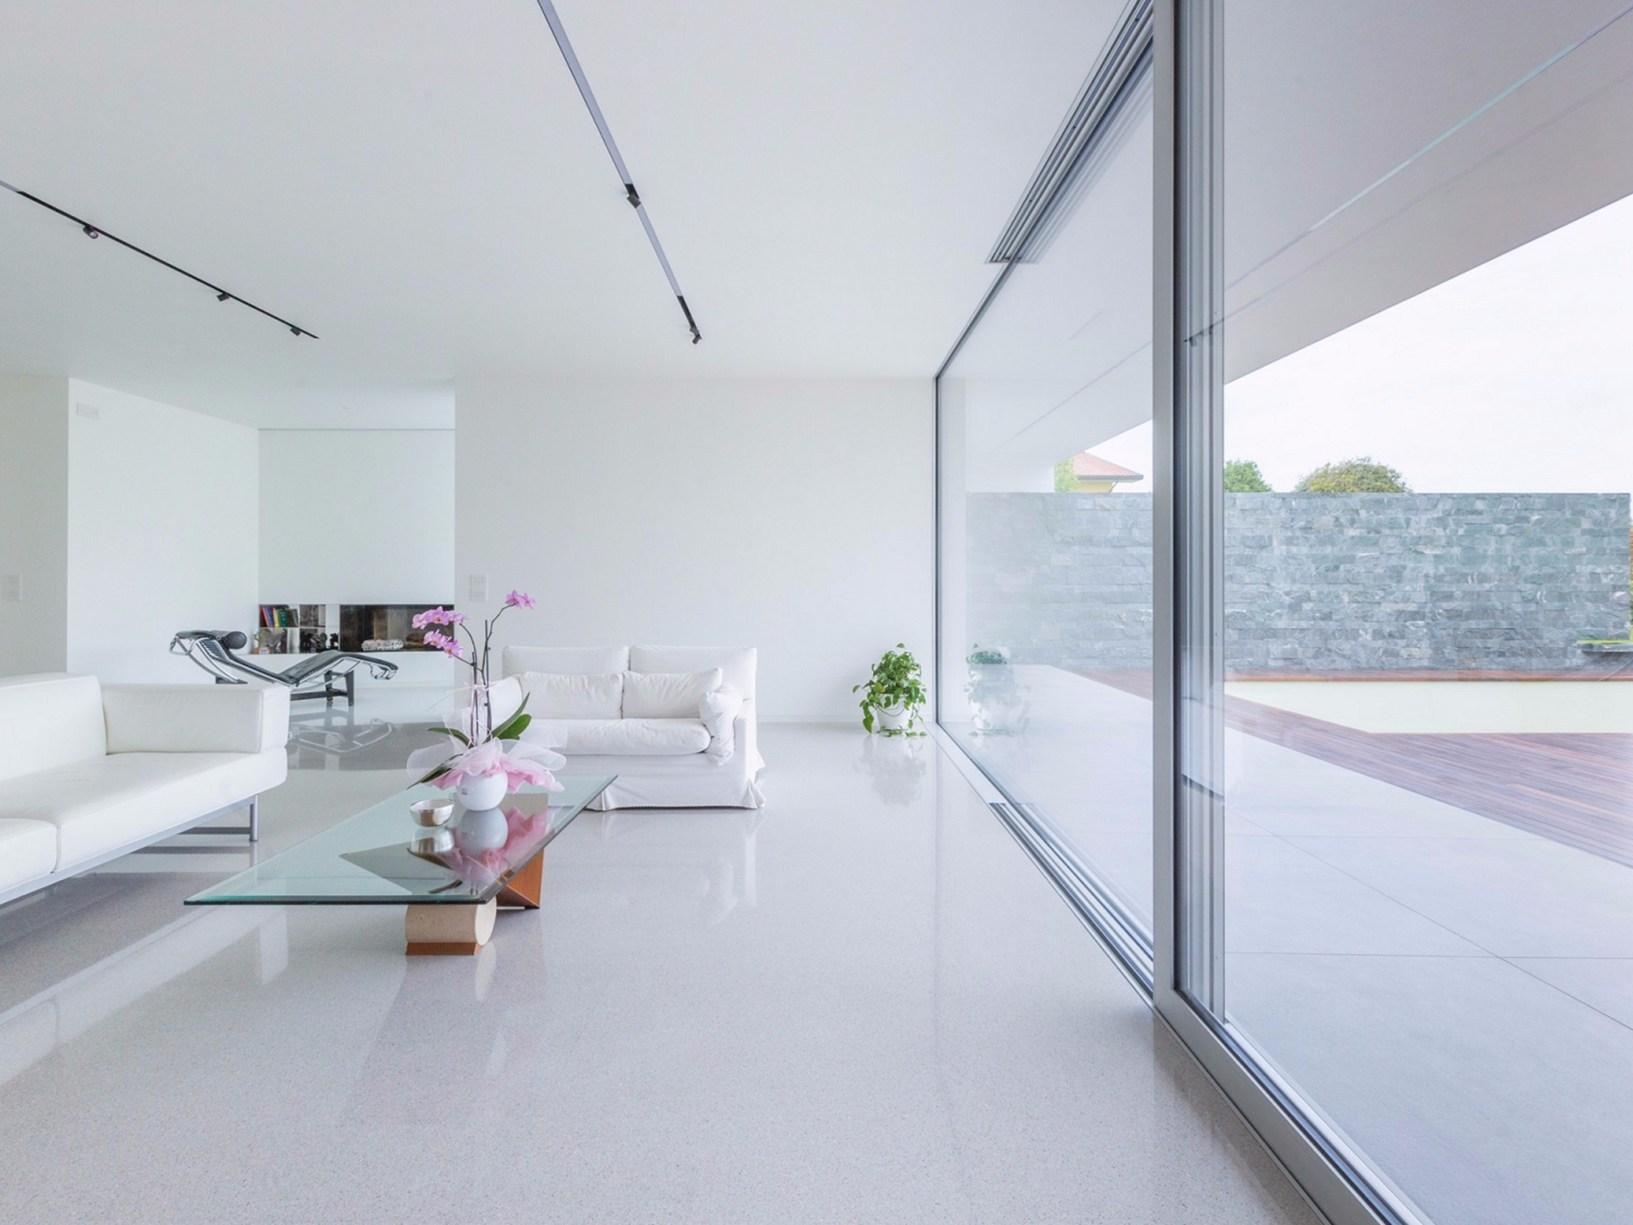 Pavimenti Moderni Senza Fughe idee per il tuo pavimento ed i rivestimenti: i nostri